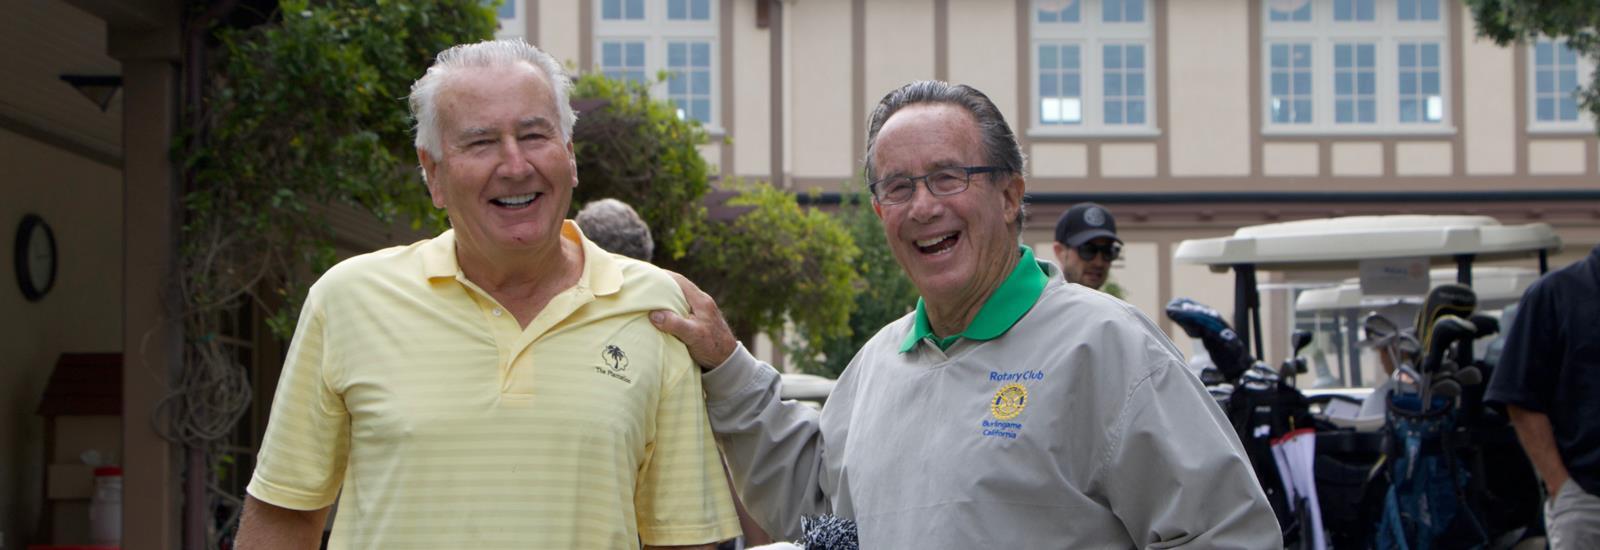 Ted Kruttschnitt & Past President Mike Horwitz